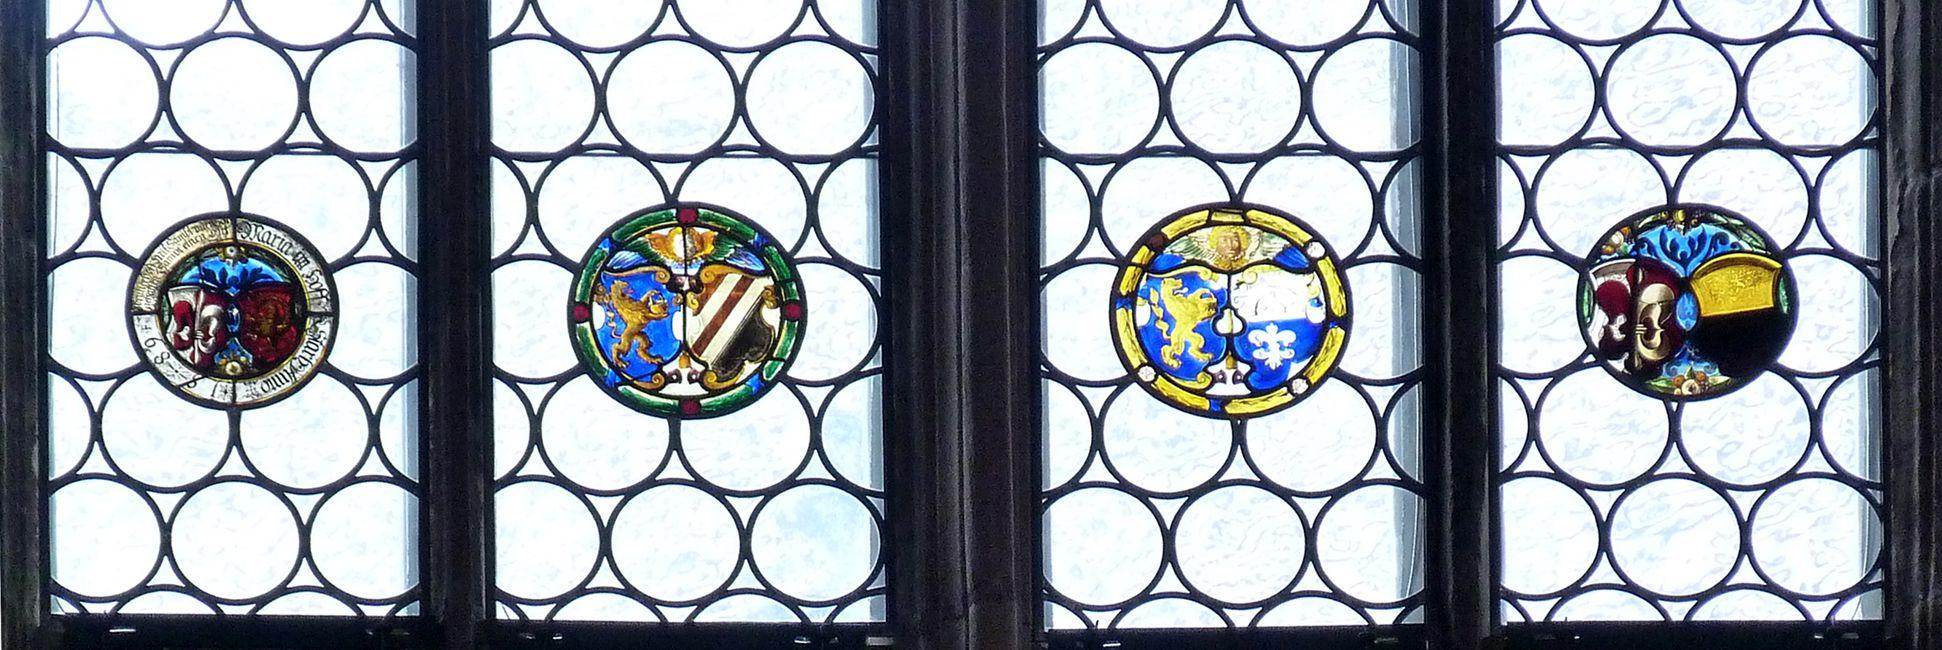 Bamberger Fenster fünfte Fensterzeile von unten, Wappenschilder